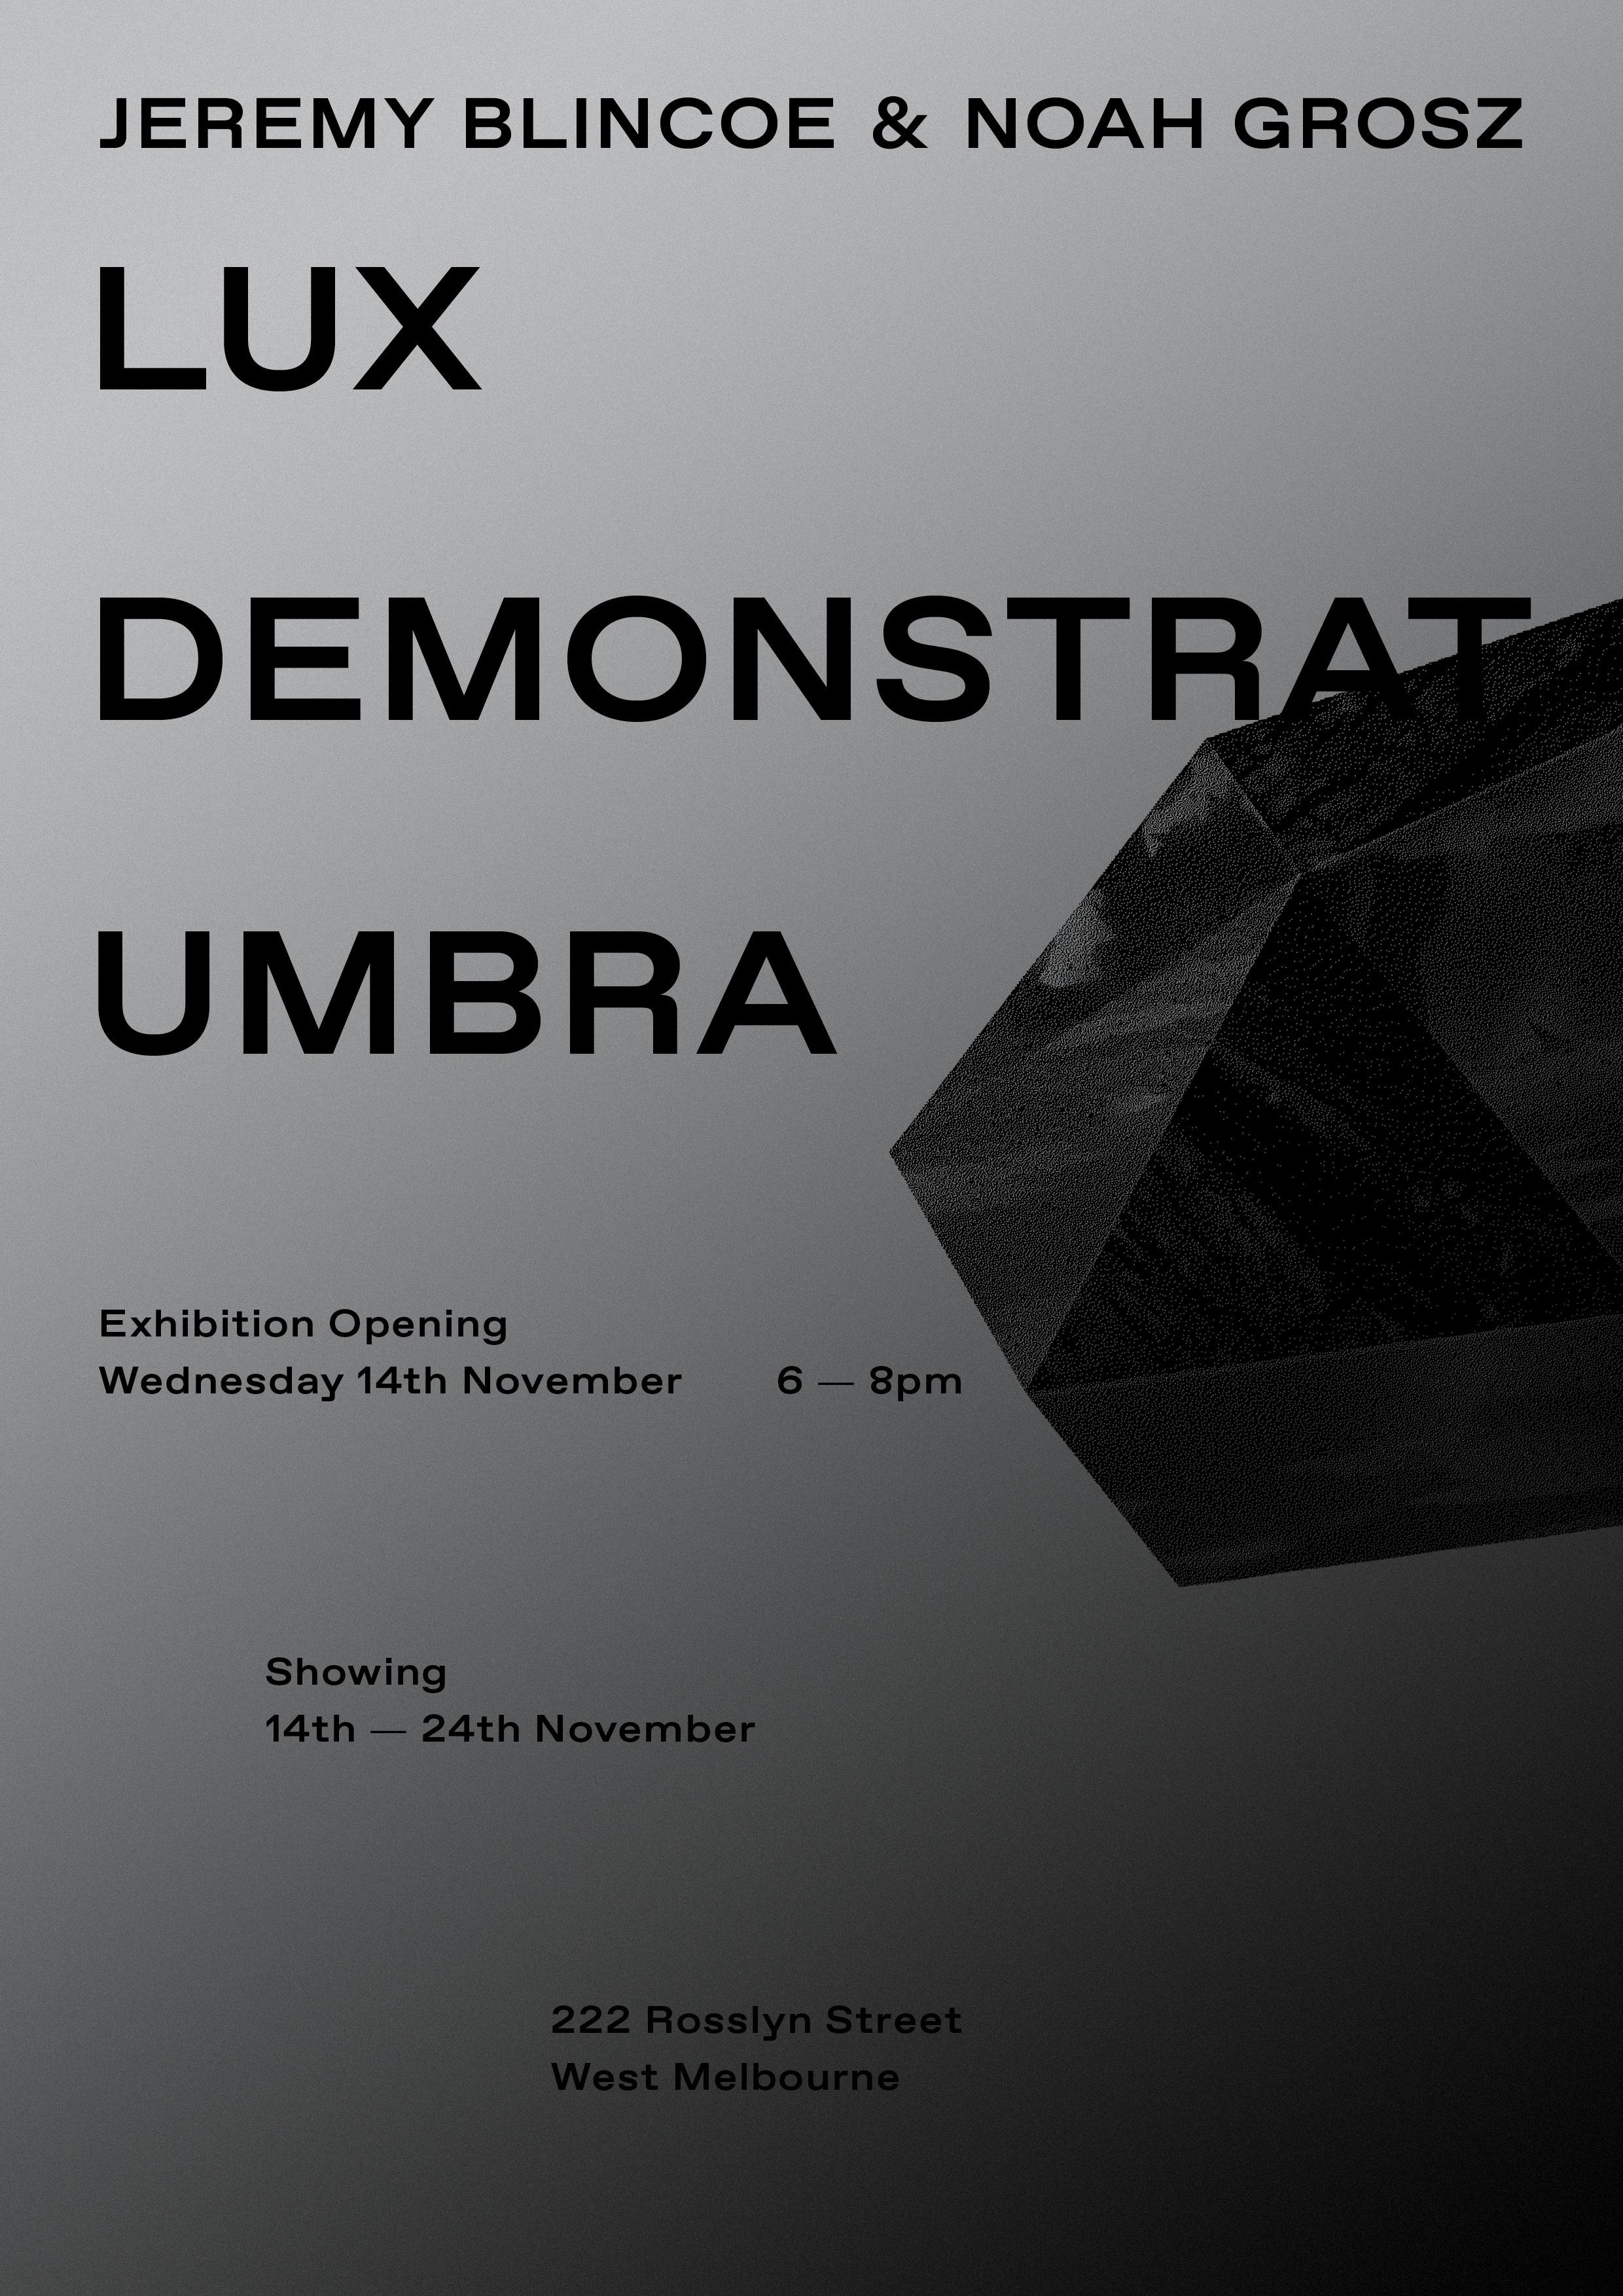 LUX_DEMONSTRAT_UMBRA_E_INVITE[1811].jpg